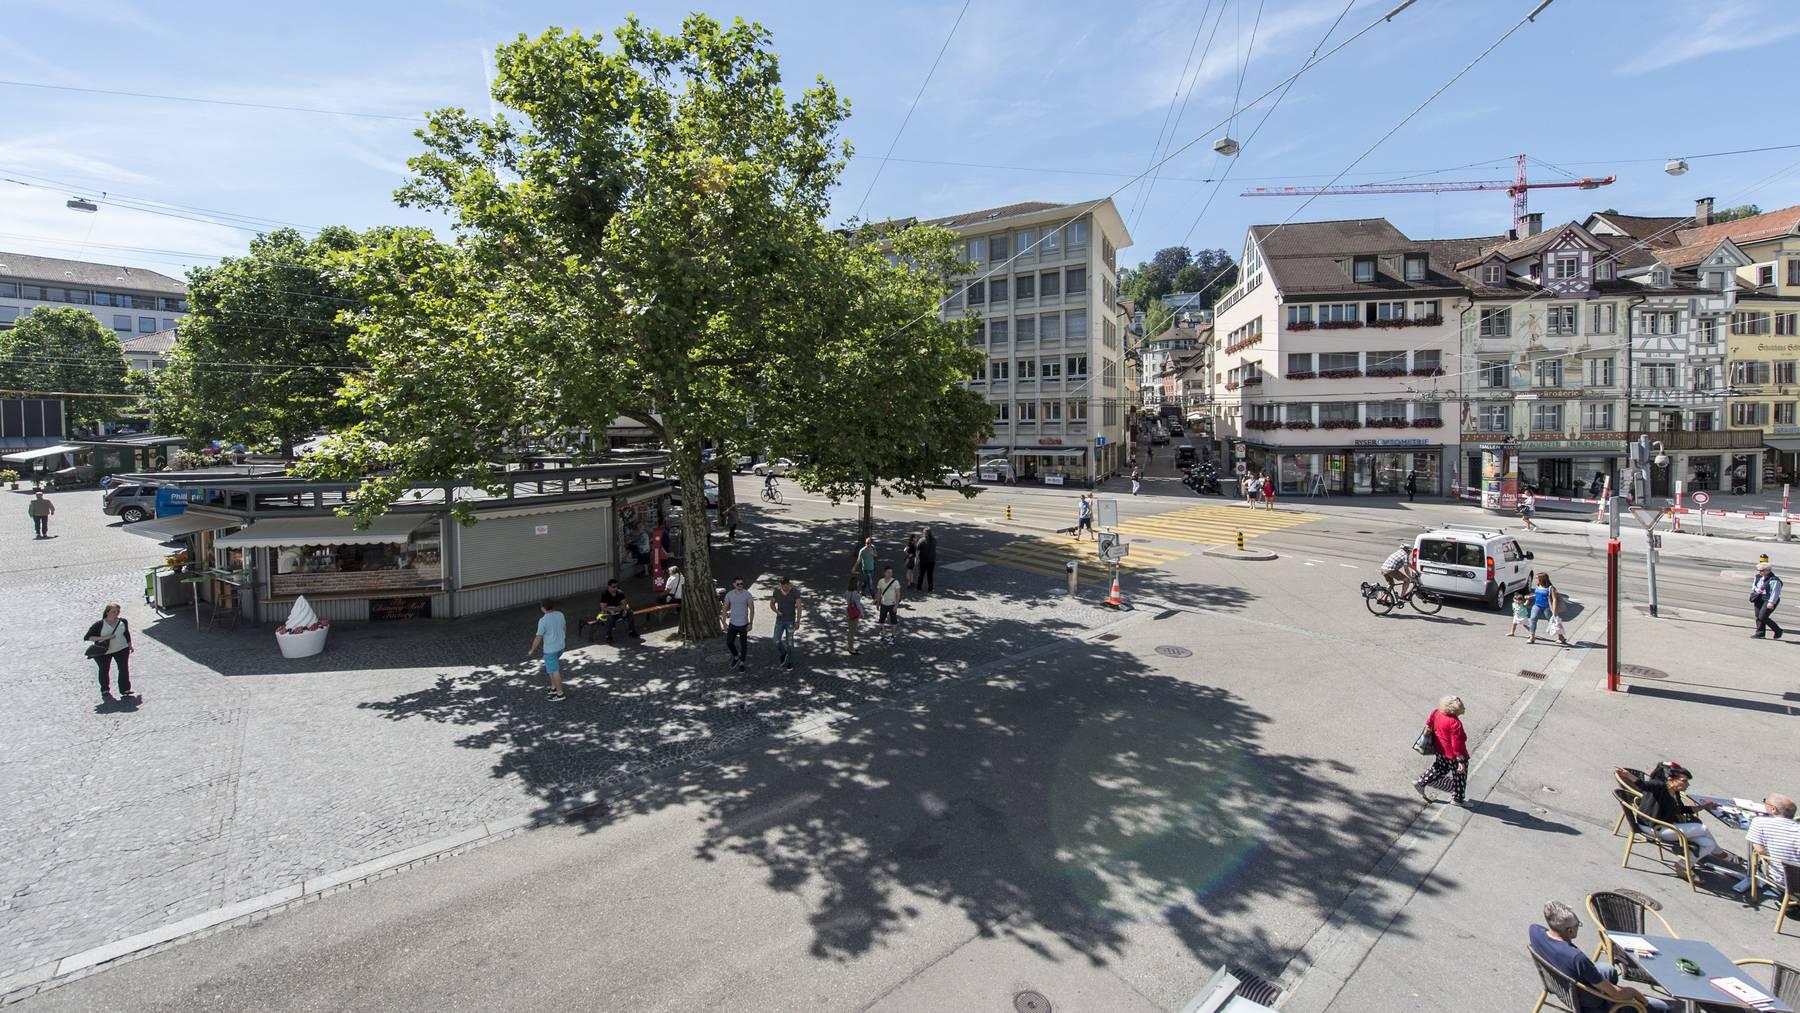 Auf dem Marktplatz sollen künftig kommerzielle Veranstaltungen stattfinden.